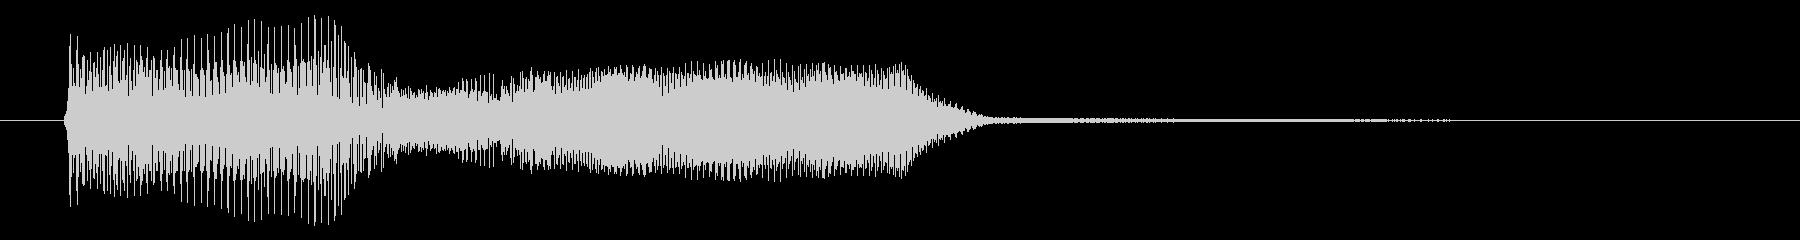 不穏なチェロのひびきの未再生の波形